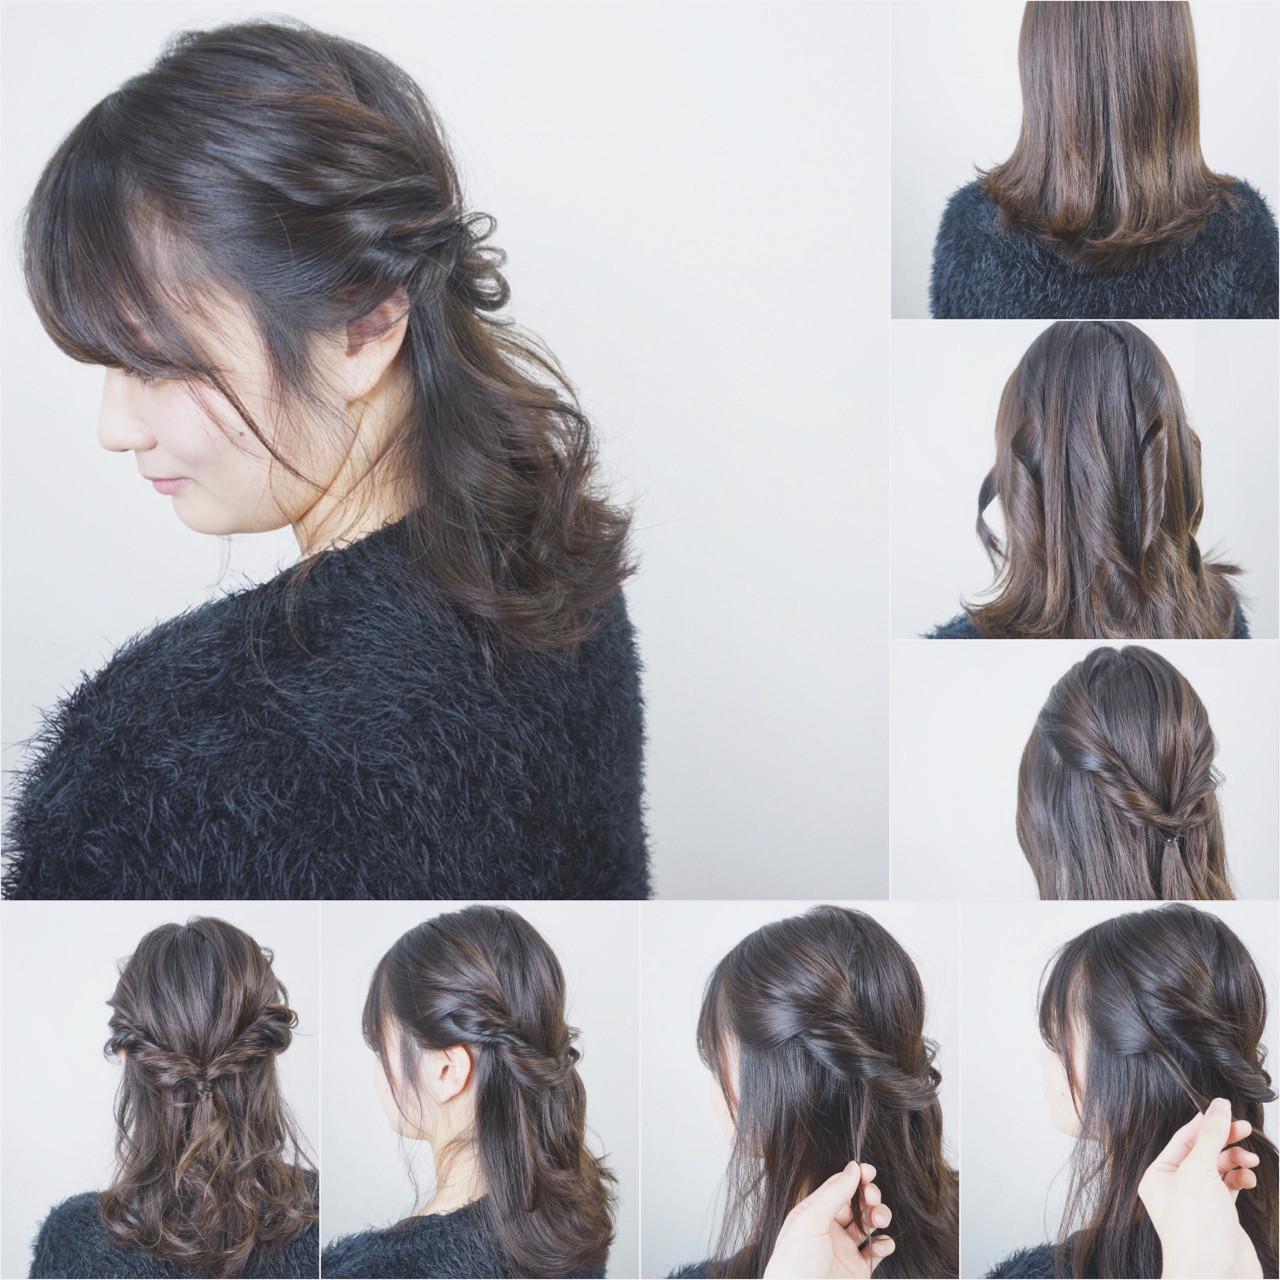 ナチュラル ミディアム 抜け感 セルフヘアアレンジ ヘアスタイルや髪型の写真・画像 | 平岡 歩 / Wooluuw